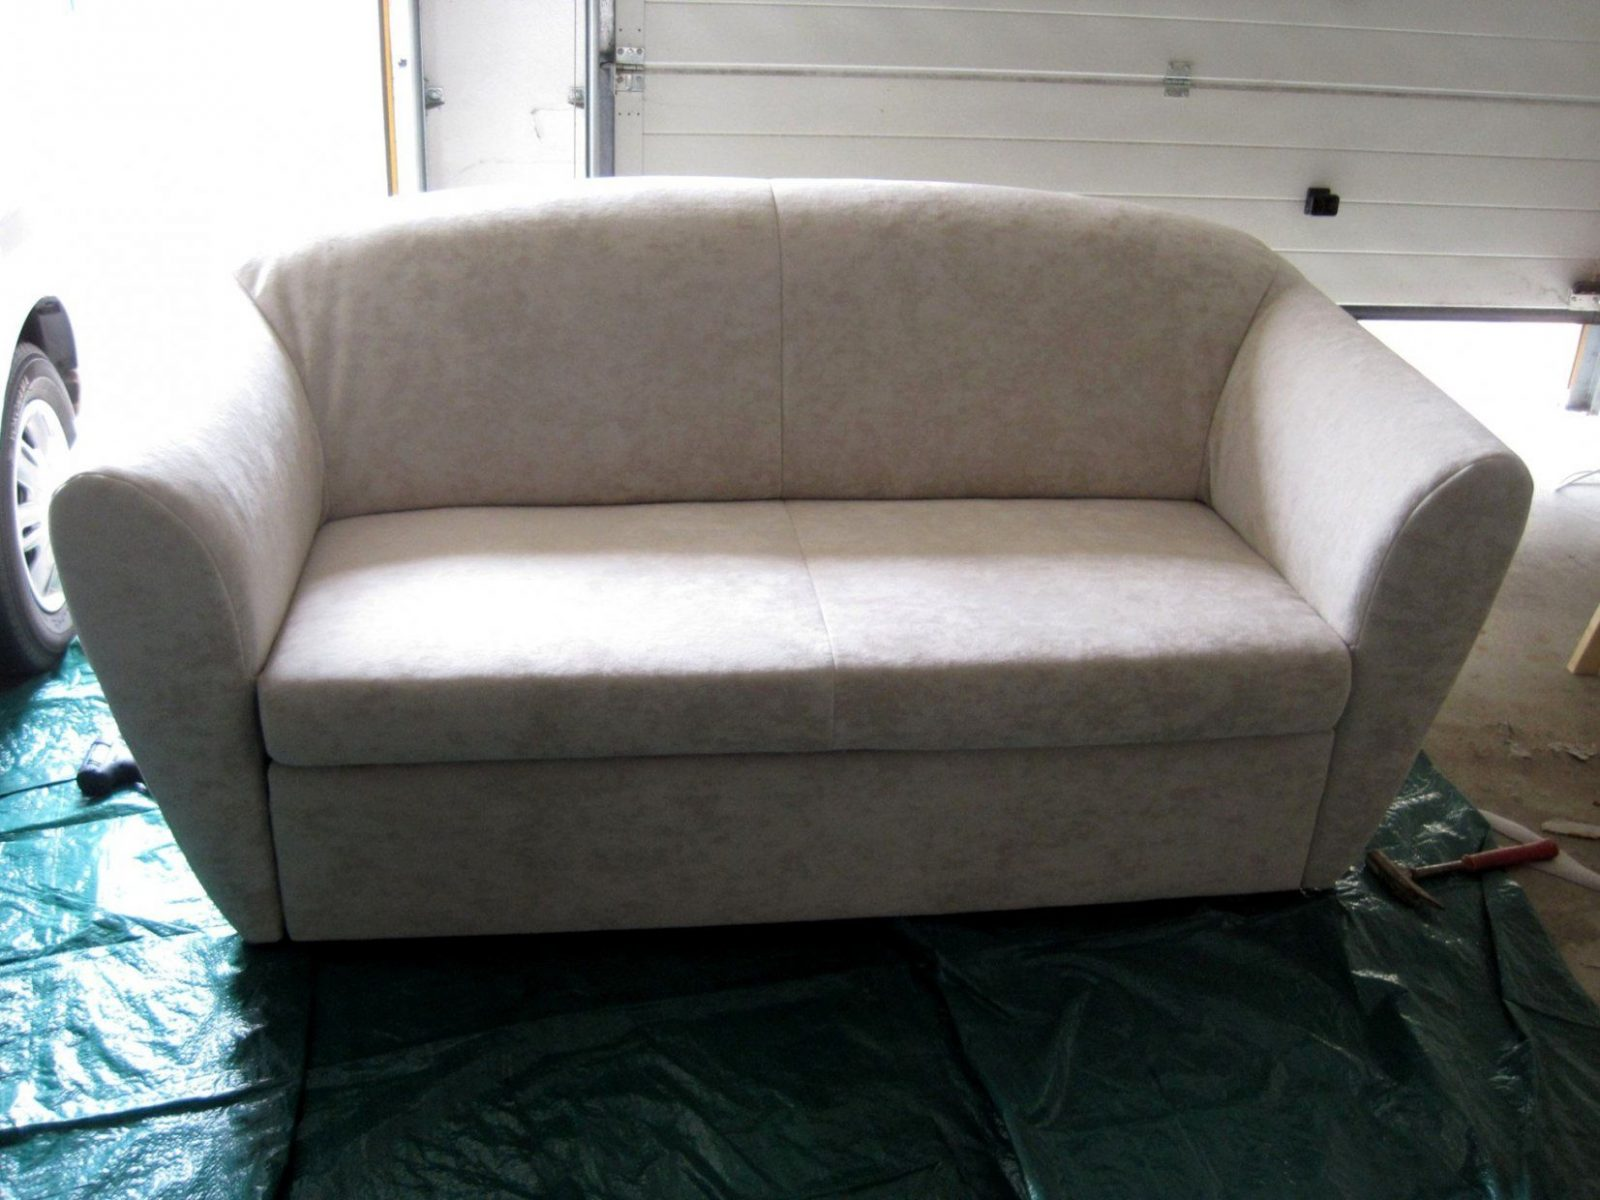 Elegant Architektur Couch Neu Beziehen Lassen Latest Sessel Selber von Sessel Neu Beziehen Lassen Kosten Photo